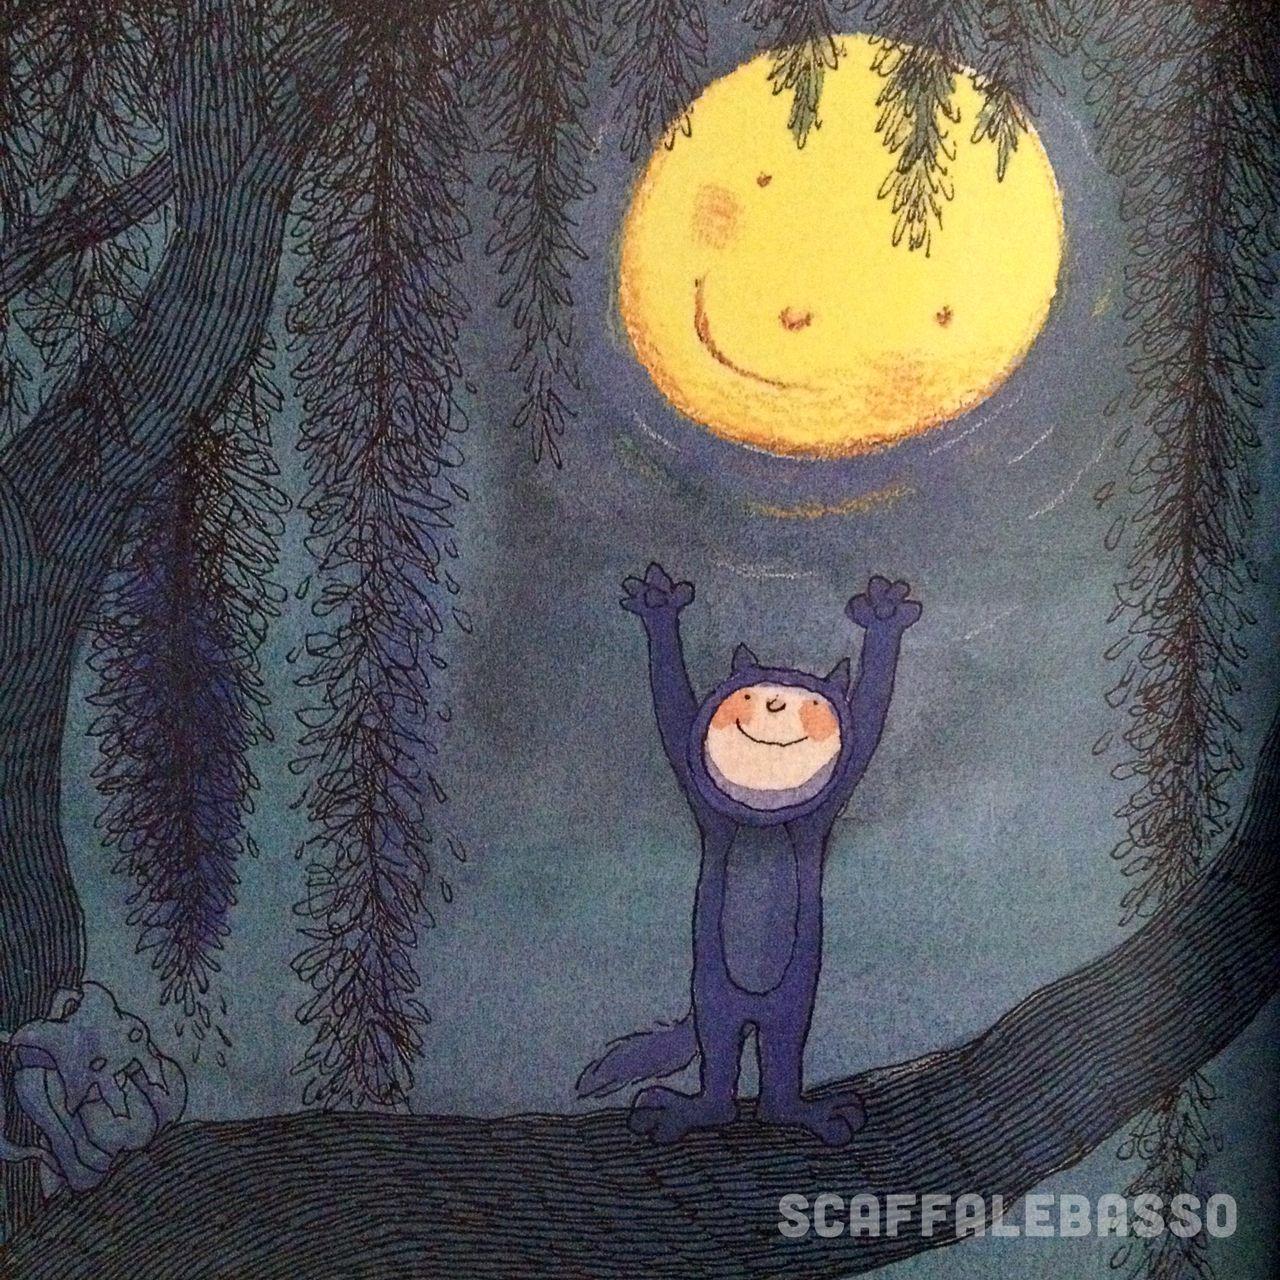 Jimmy Liao, La luna e il bambino, Gruppo Abele editore